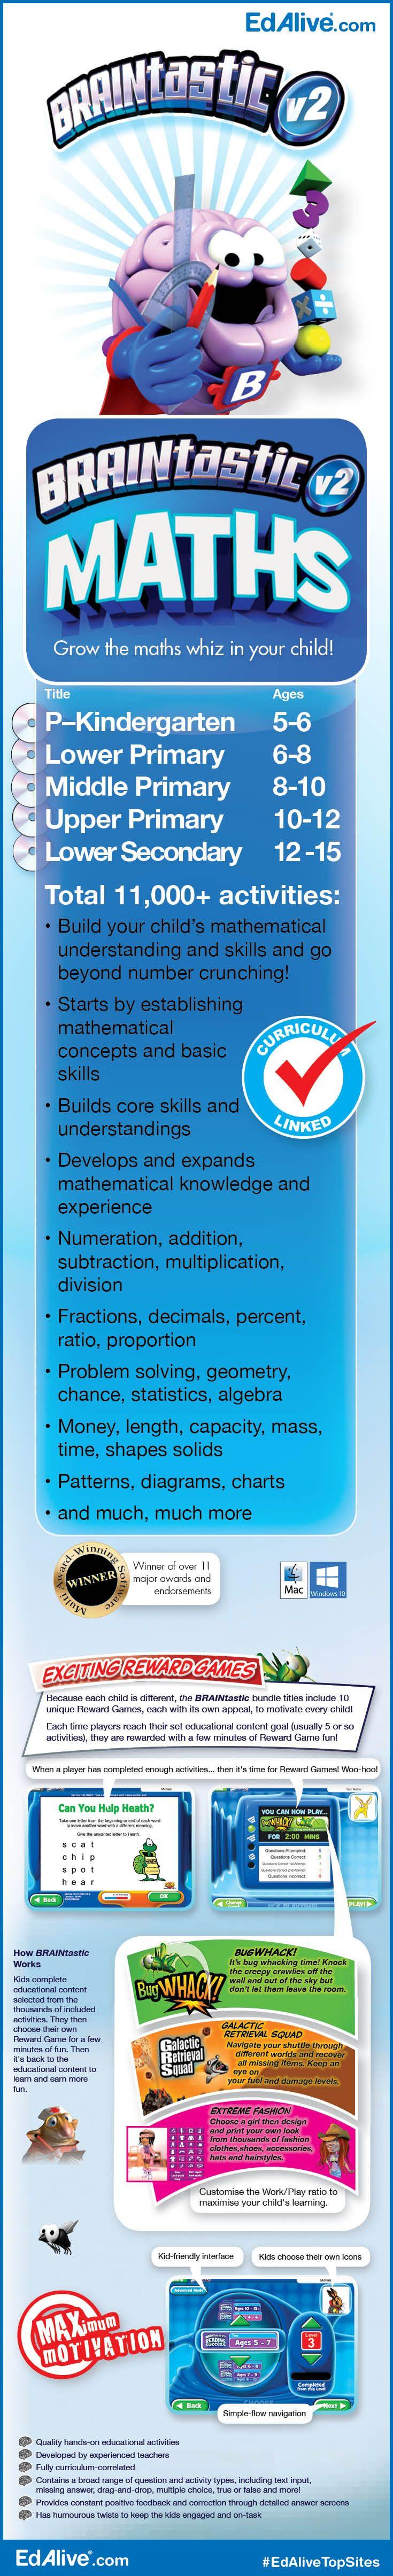 31 best Math, Maths and Mathematics images on Pinterest | Math ...